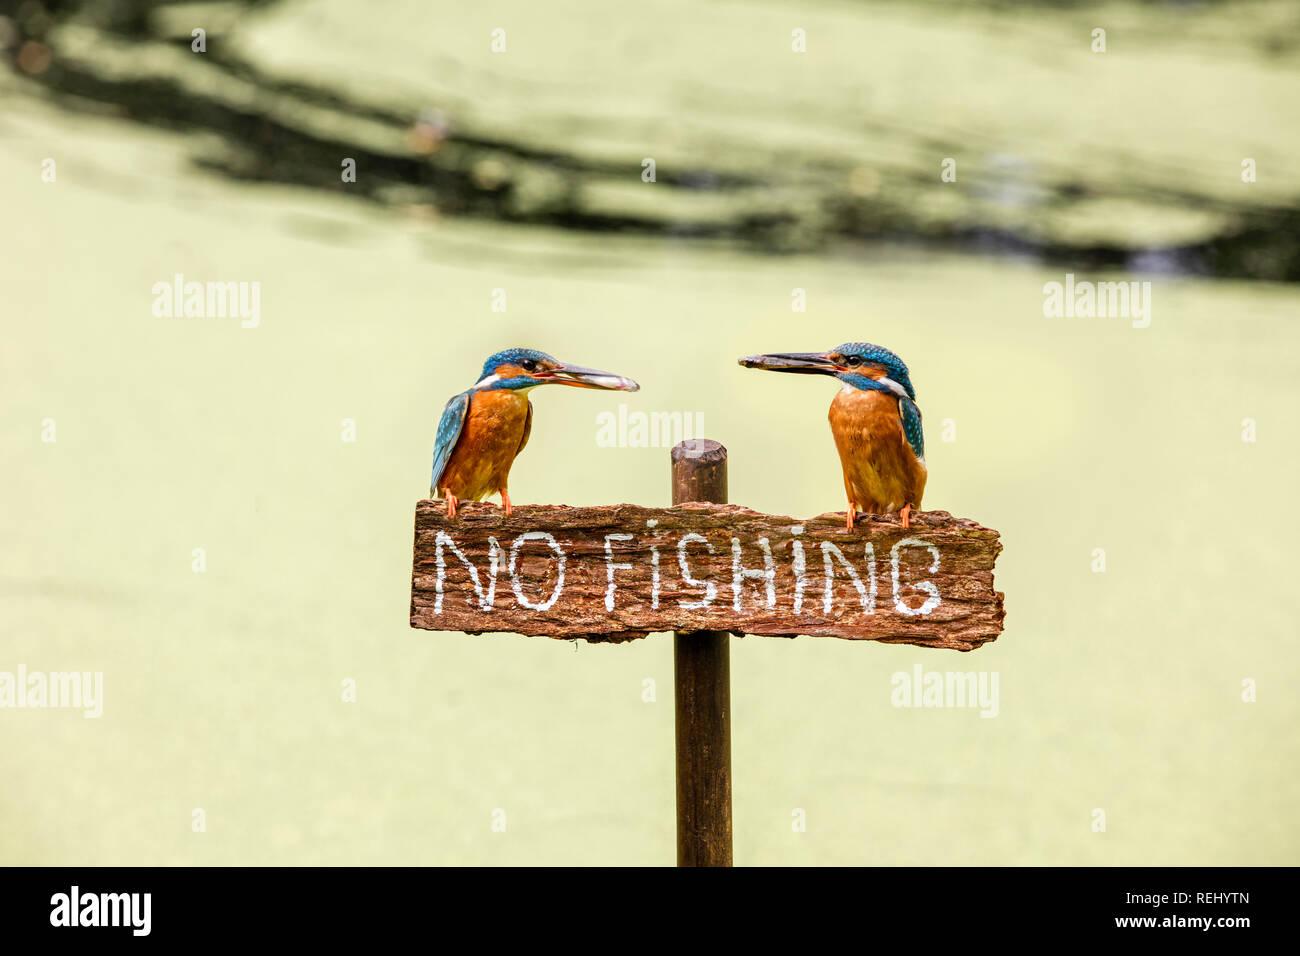 Gemeinsame Eisvogel (Alcedo atthis) mit Fisch auf Schild keine Fischerei. Männchen (rechts) und Frau (links). Bild zusammensetzt. Nur Konzeptionelle verwenden. - Grav Stockbild